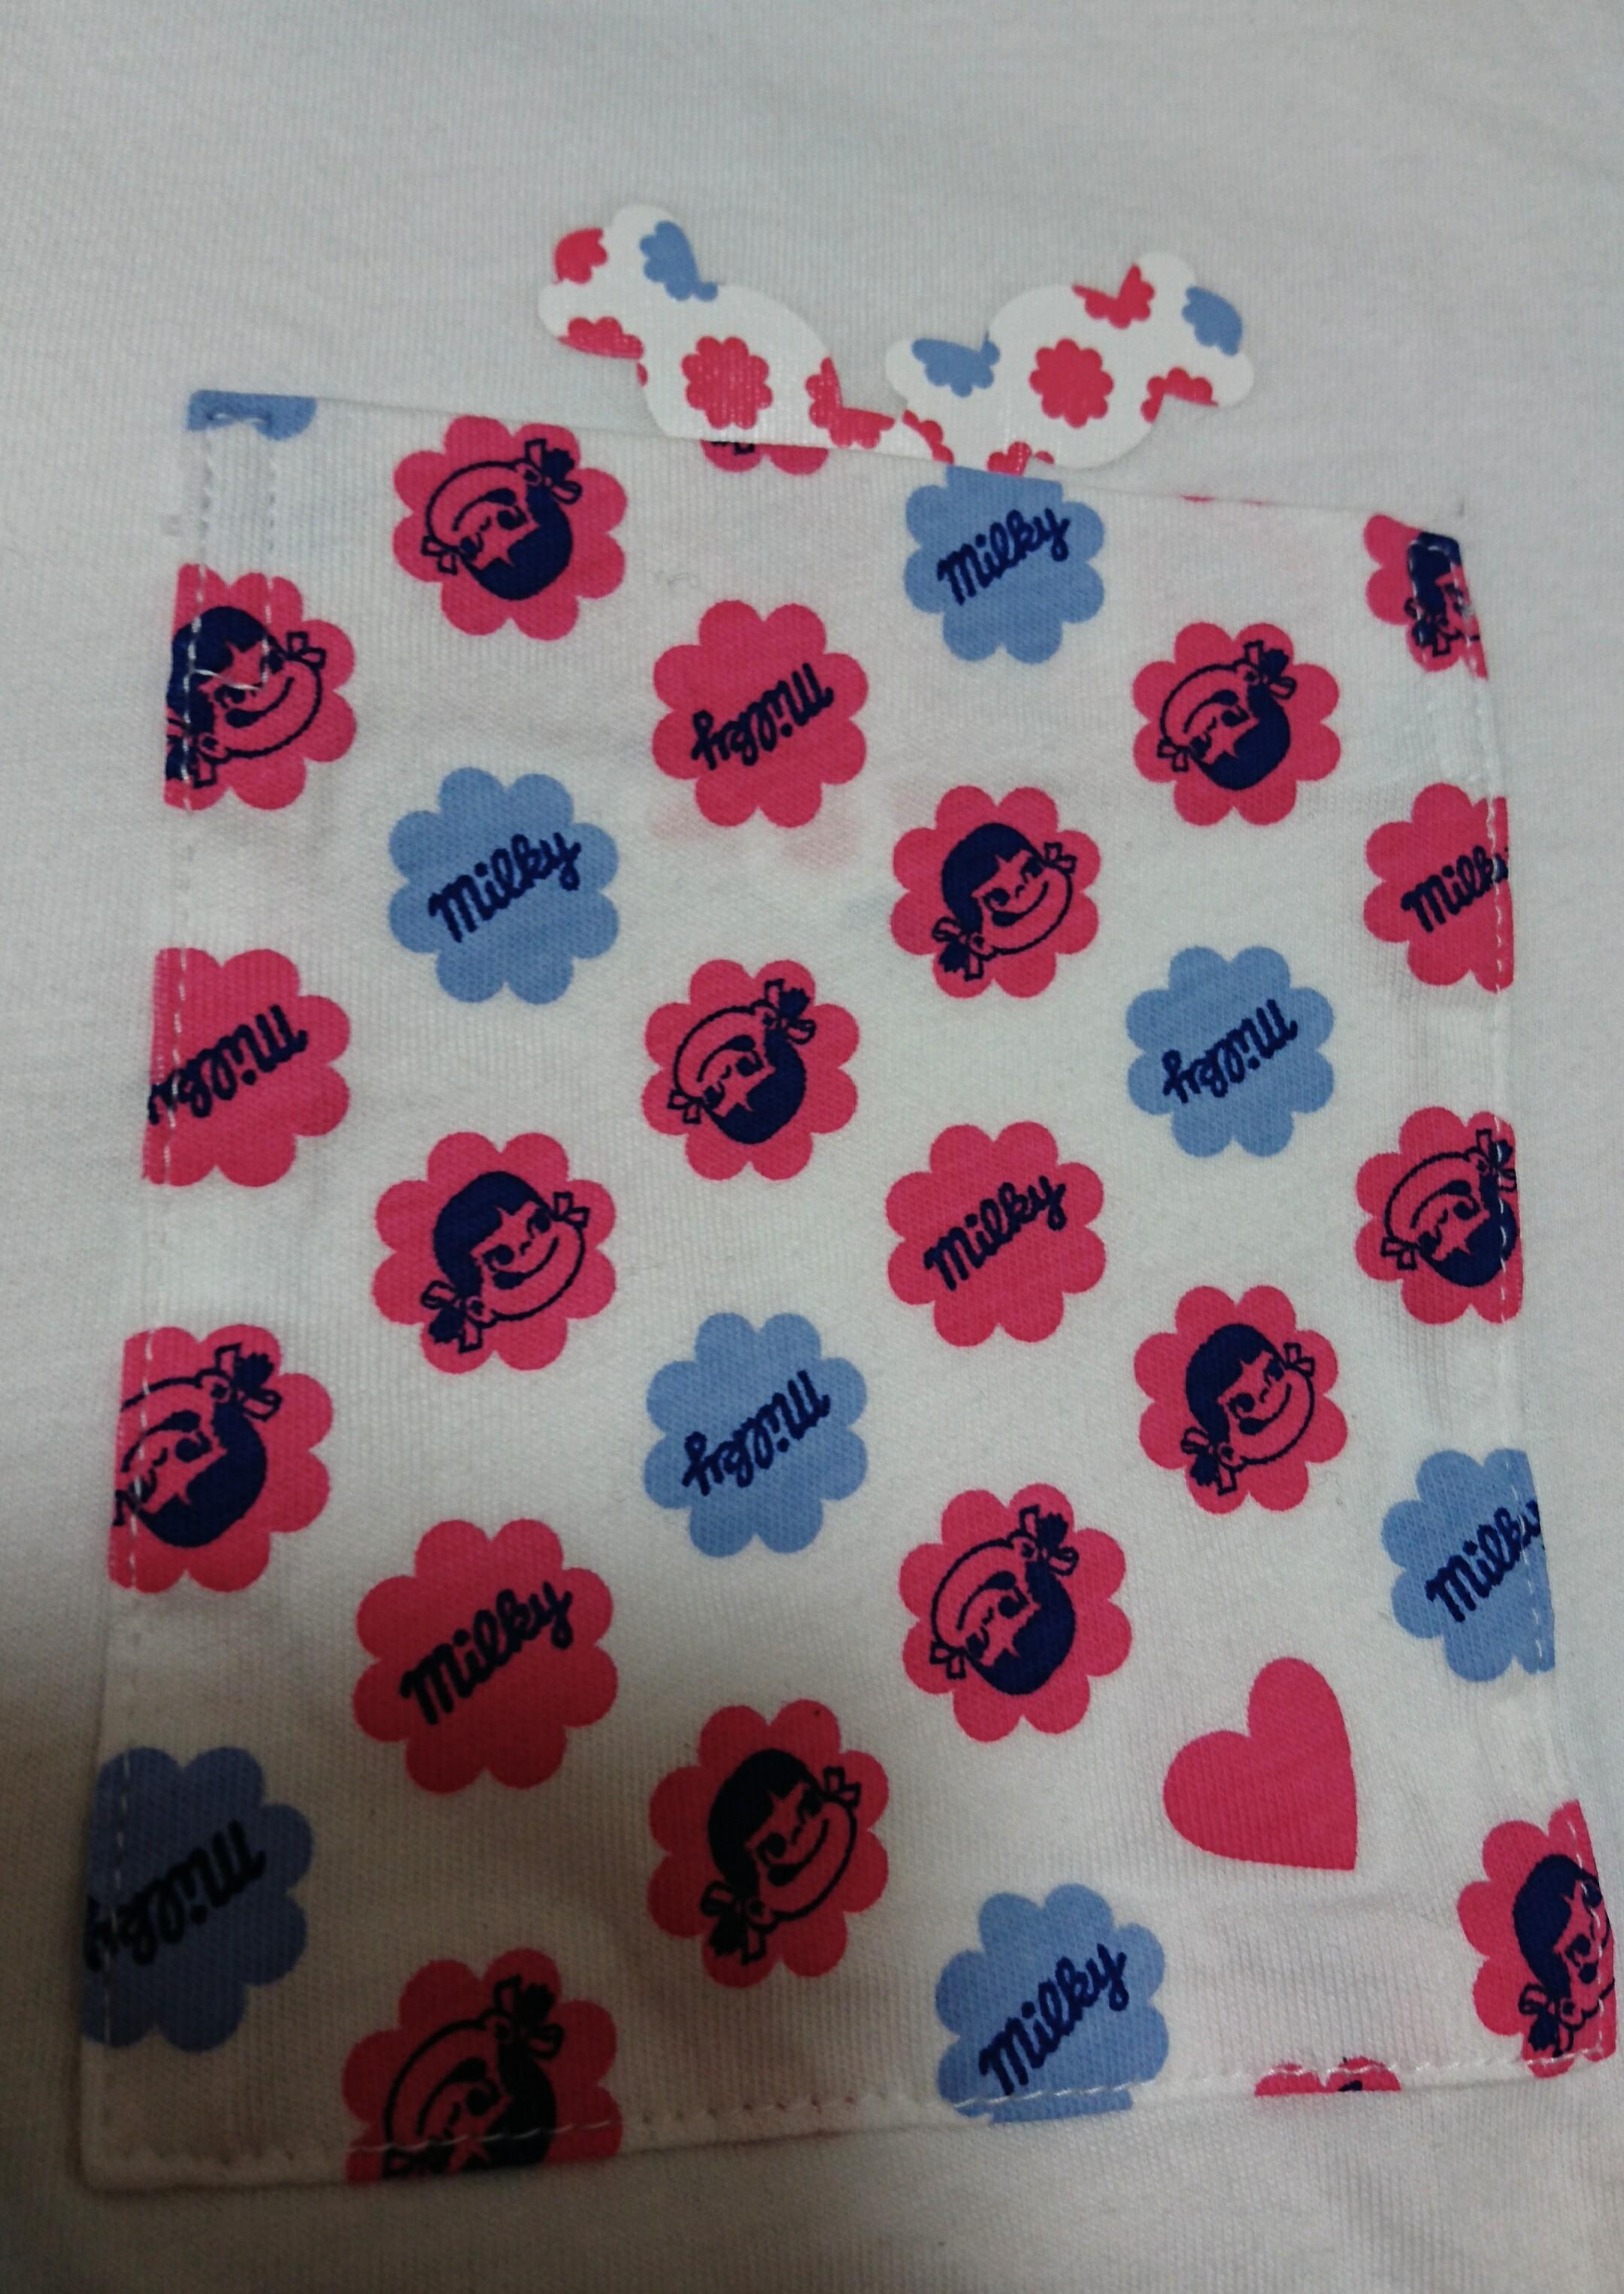 【ユニクロUT】今夏のヘビロテ確実!お菓子とコラボのTシャツ